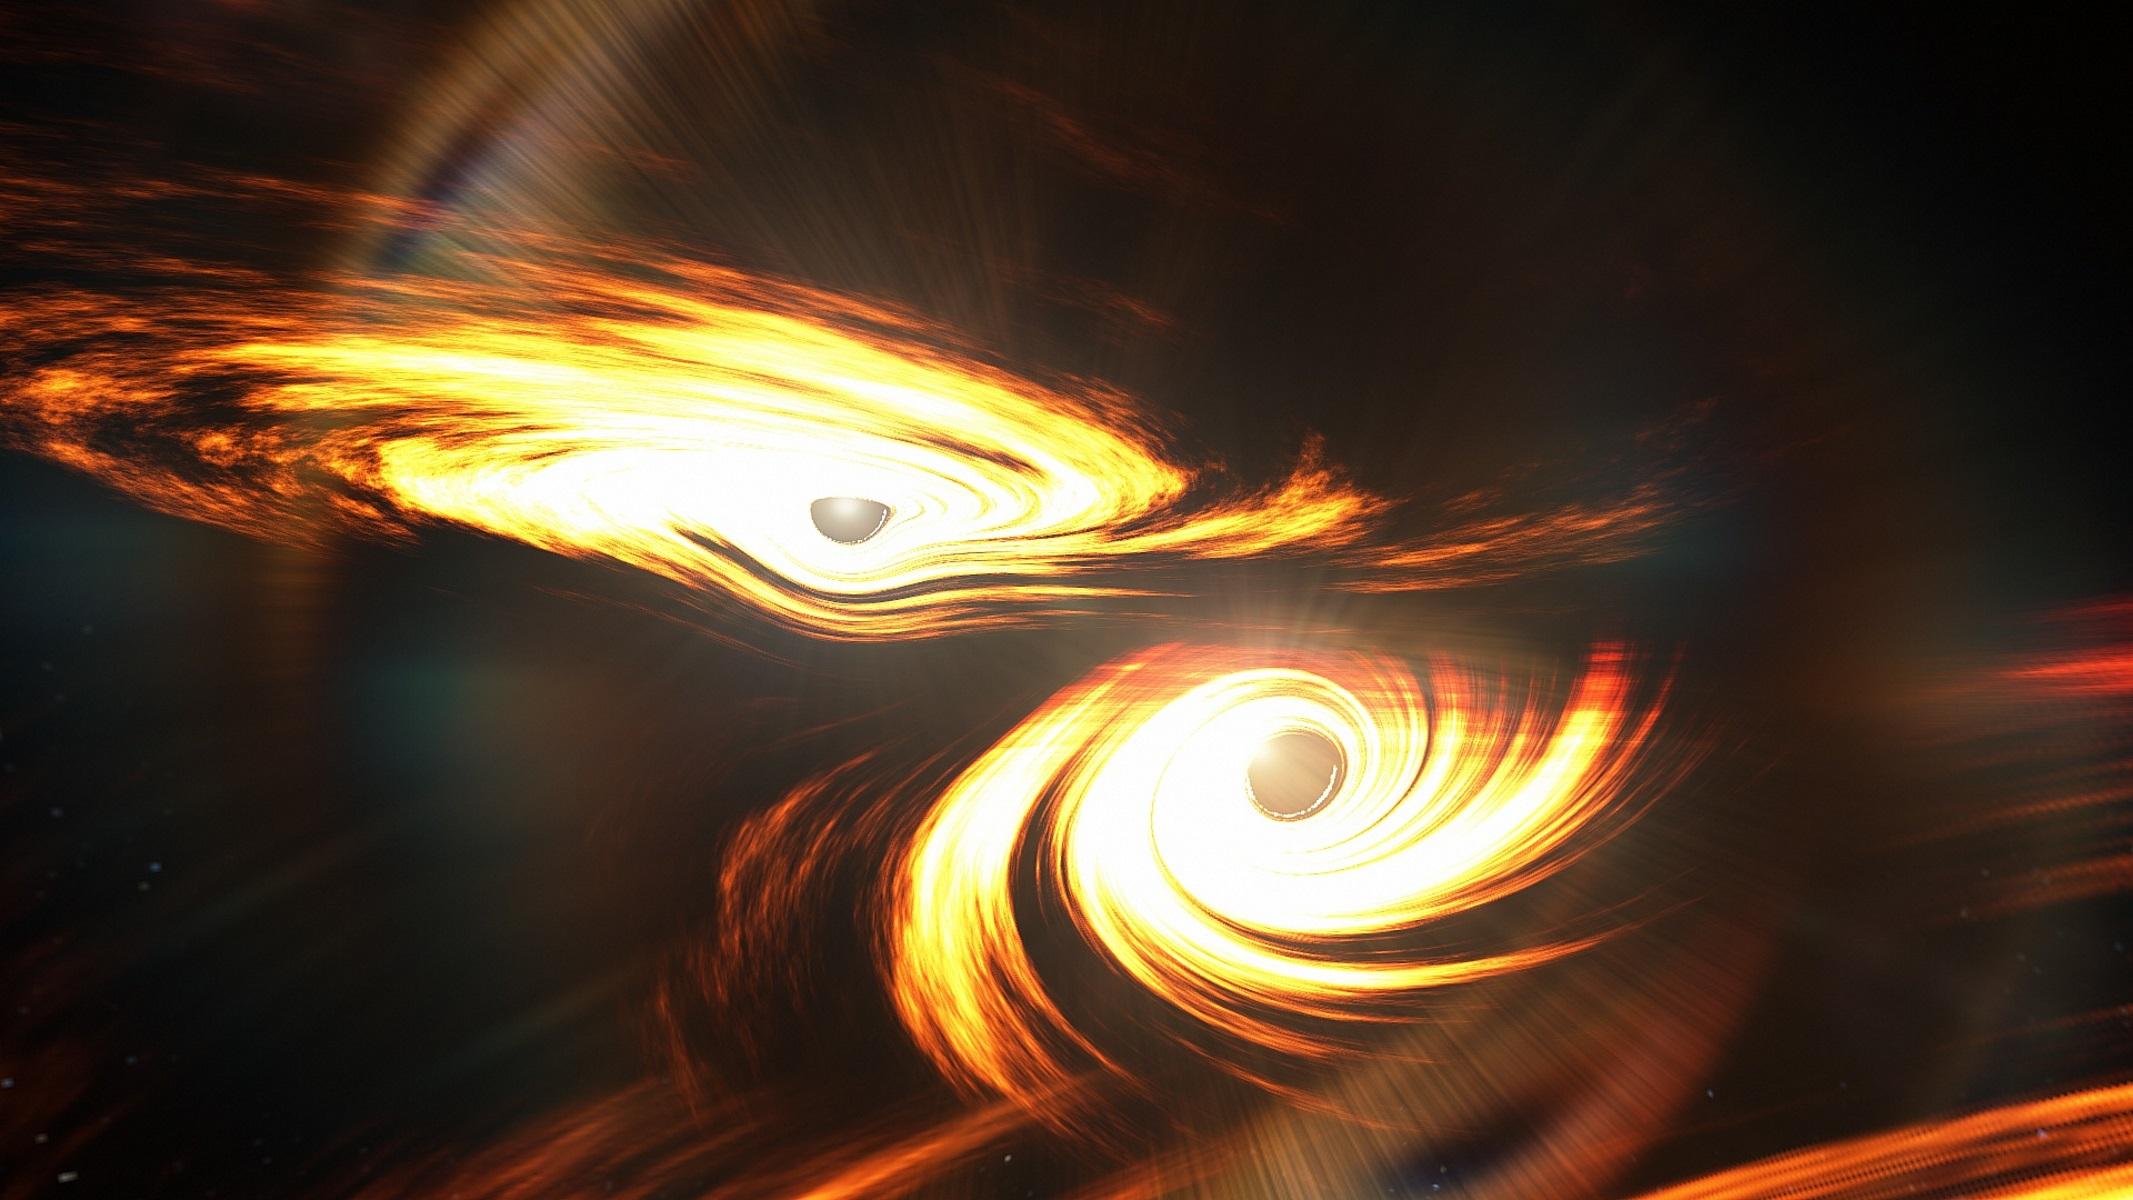 Ανακαλύφθηκε η πιο μεγάλη και μακρινή συγχώνευση δύο μαύρων τρυπών